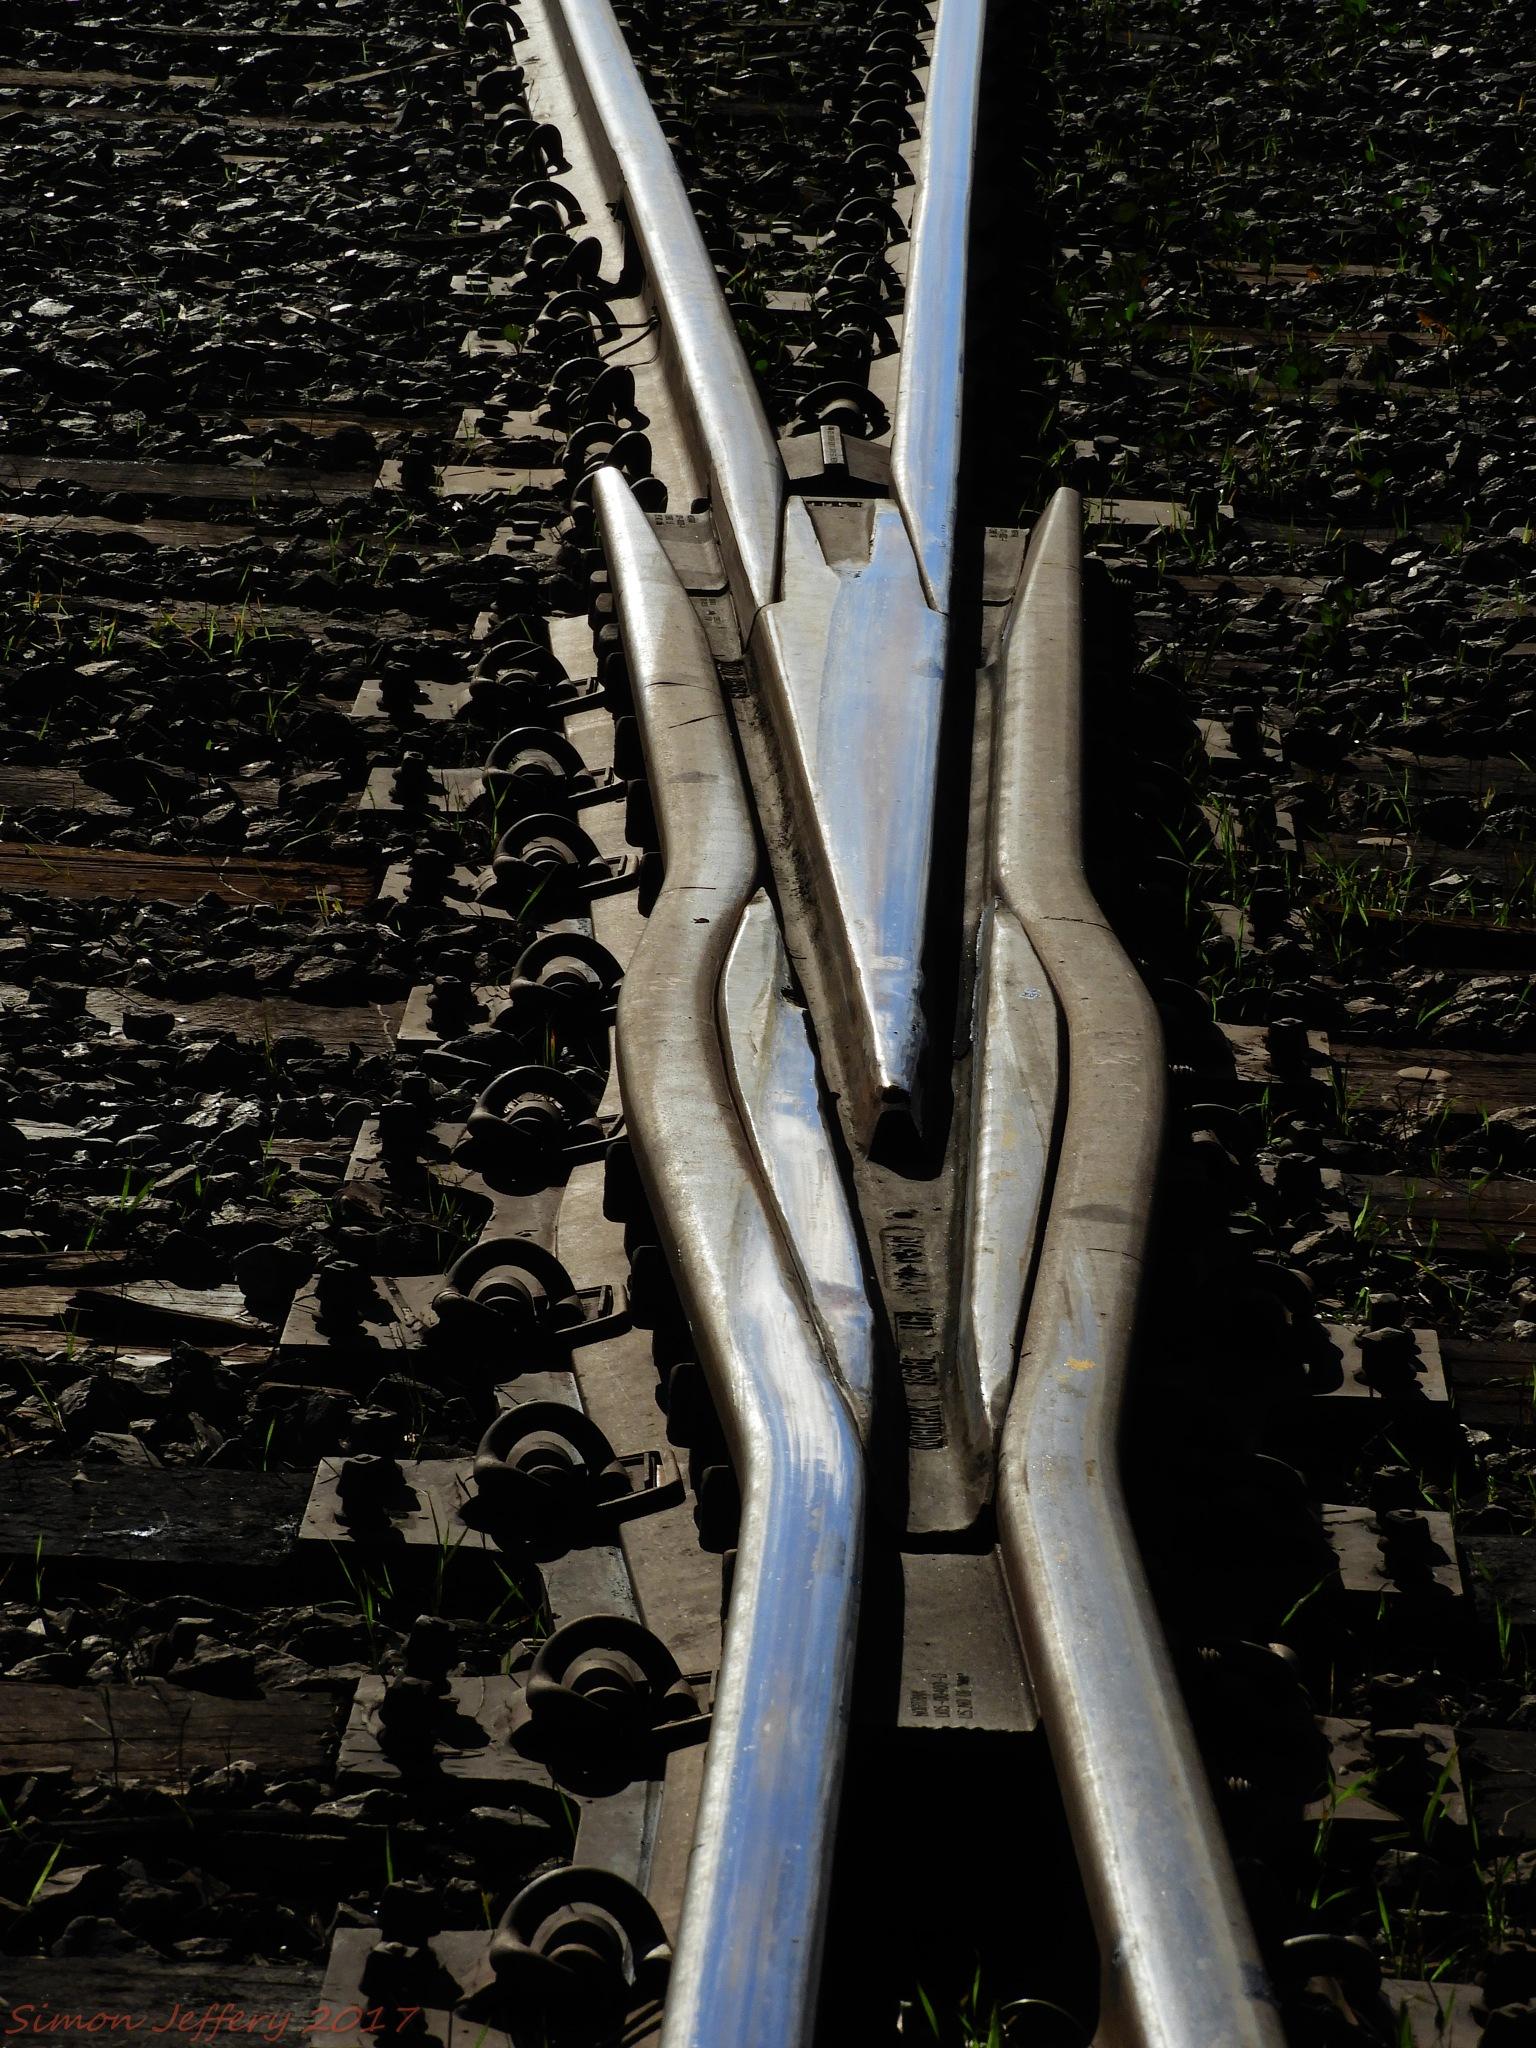 Rail Frog by Simon Jeffery